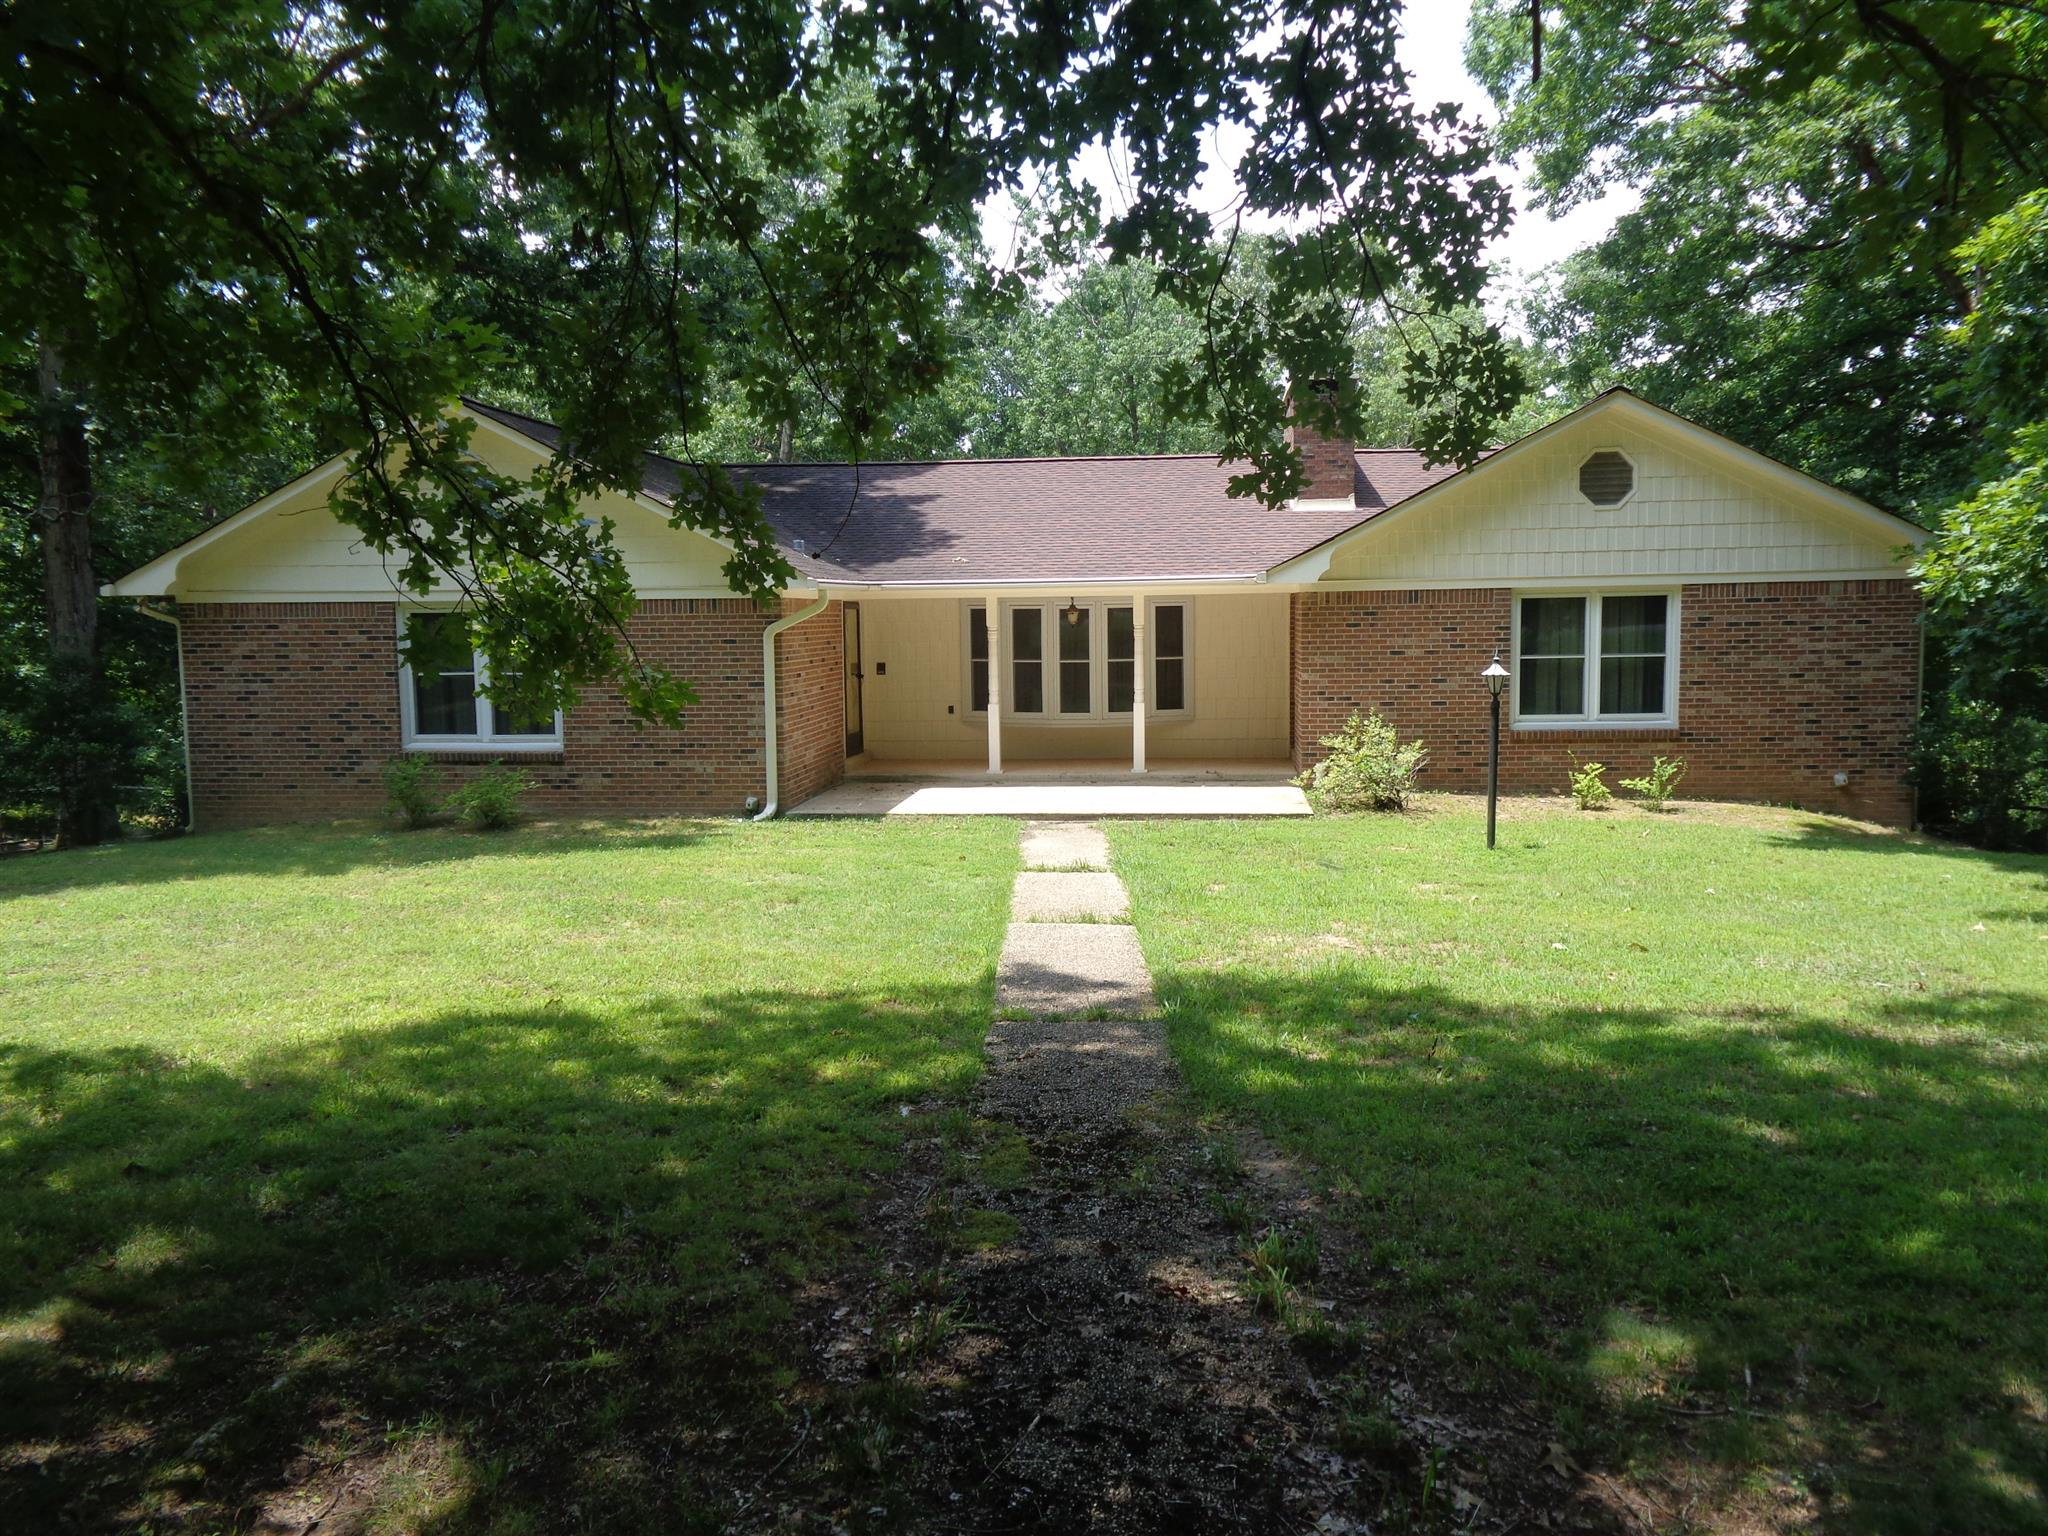 15 Augustine Ln, Loretto, TN 38469 - Loretto, TN real estate listing